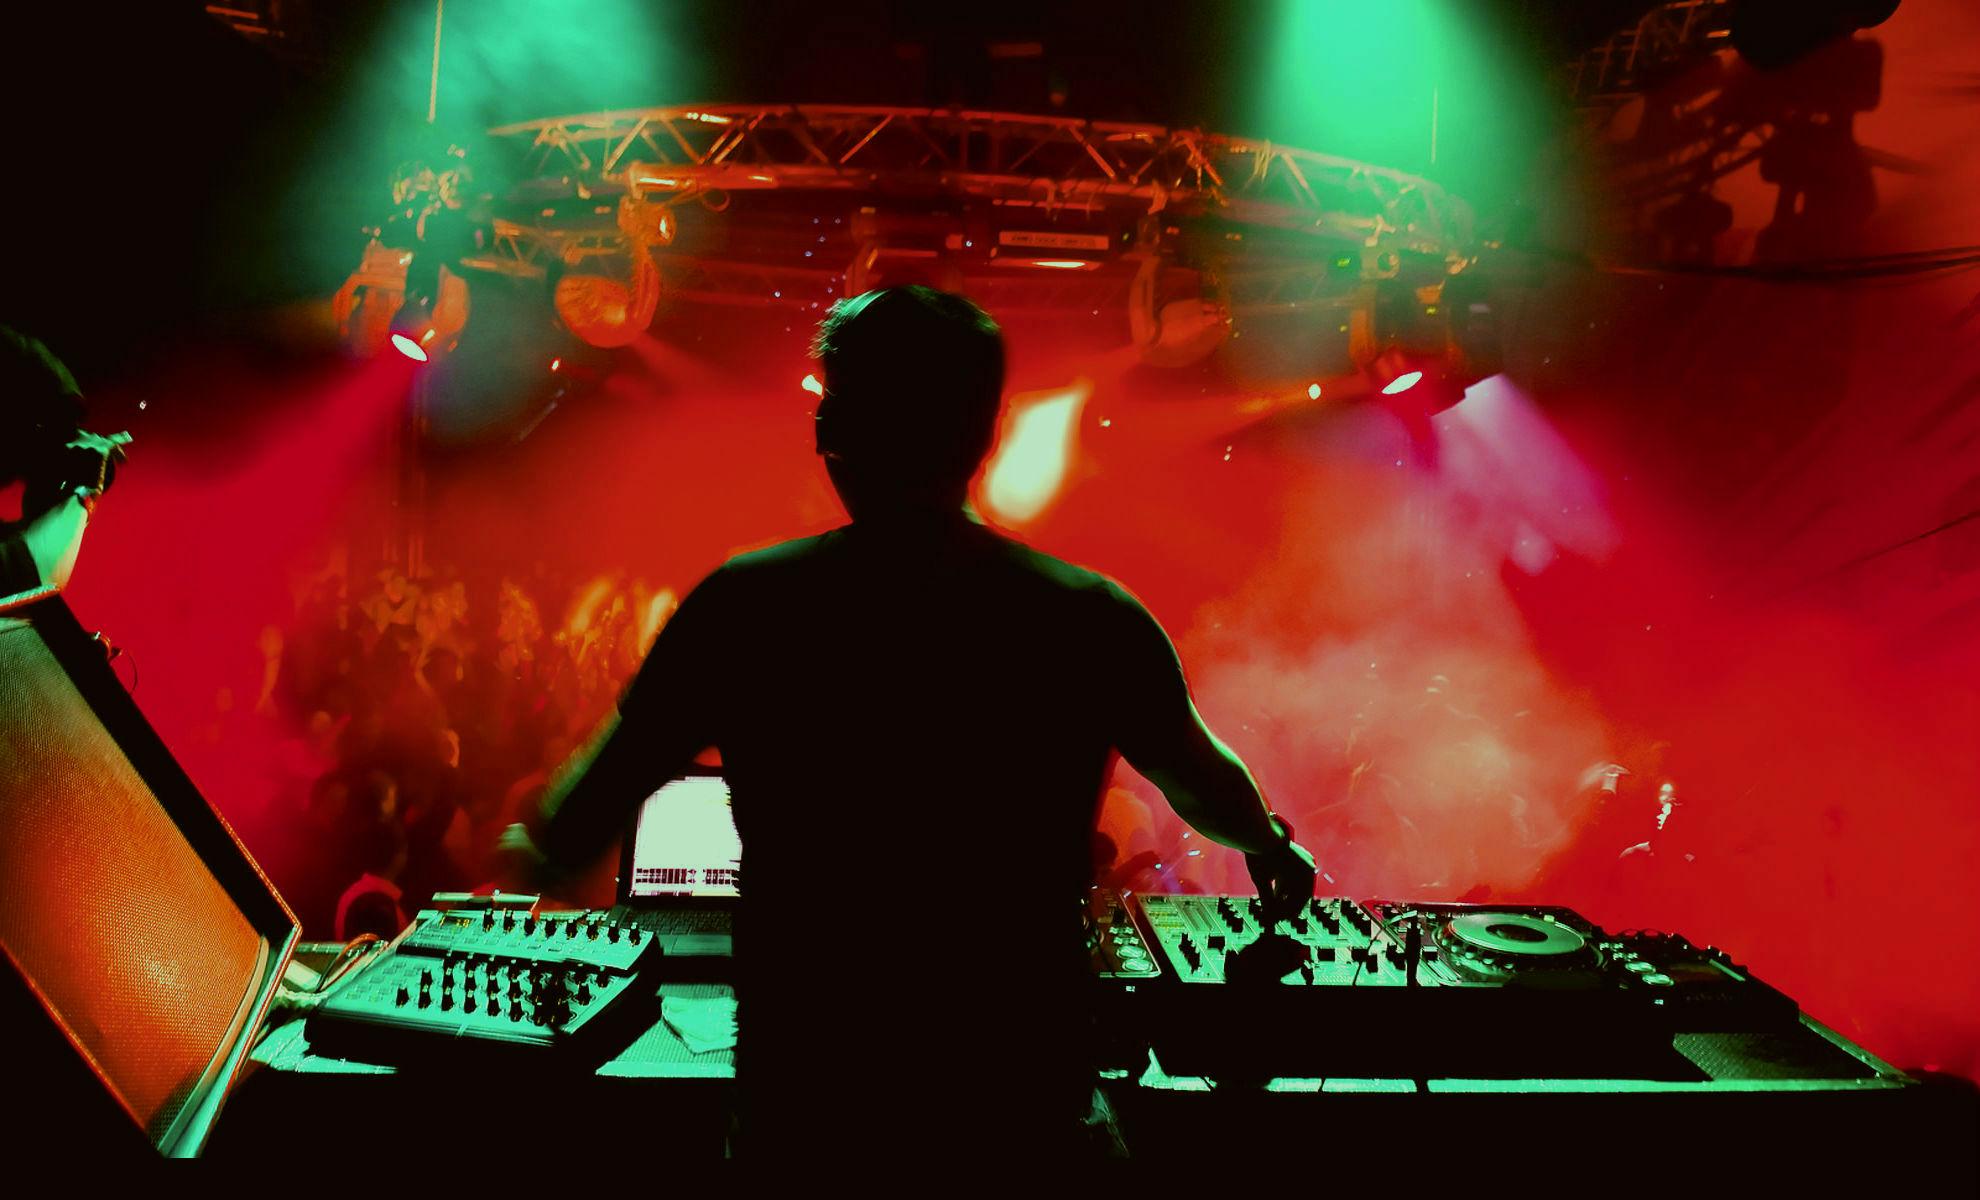 DJ, best career for music lovers